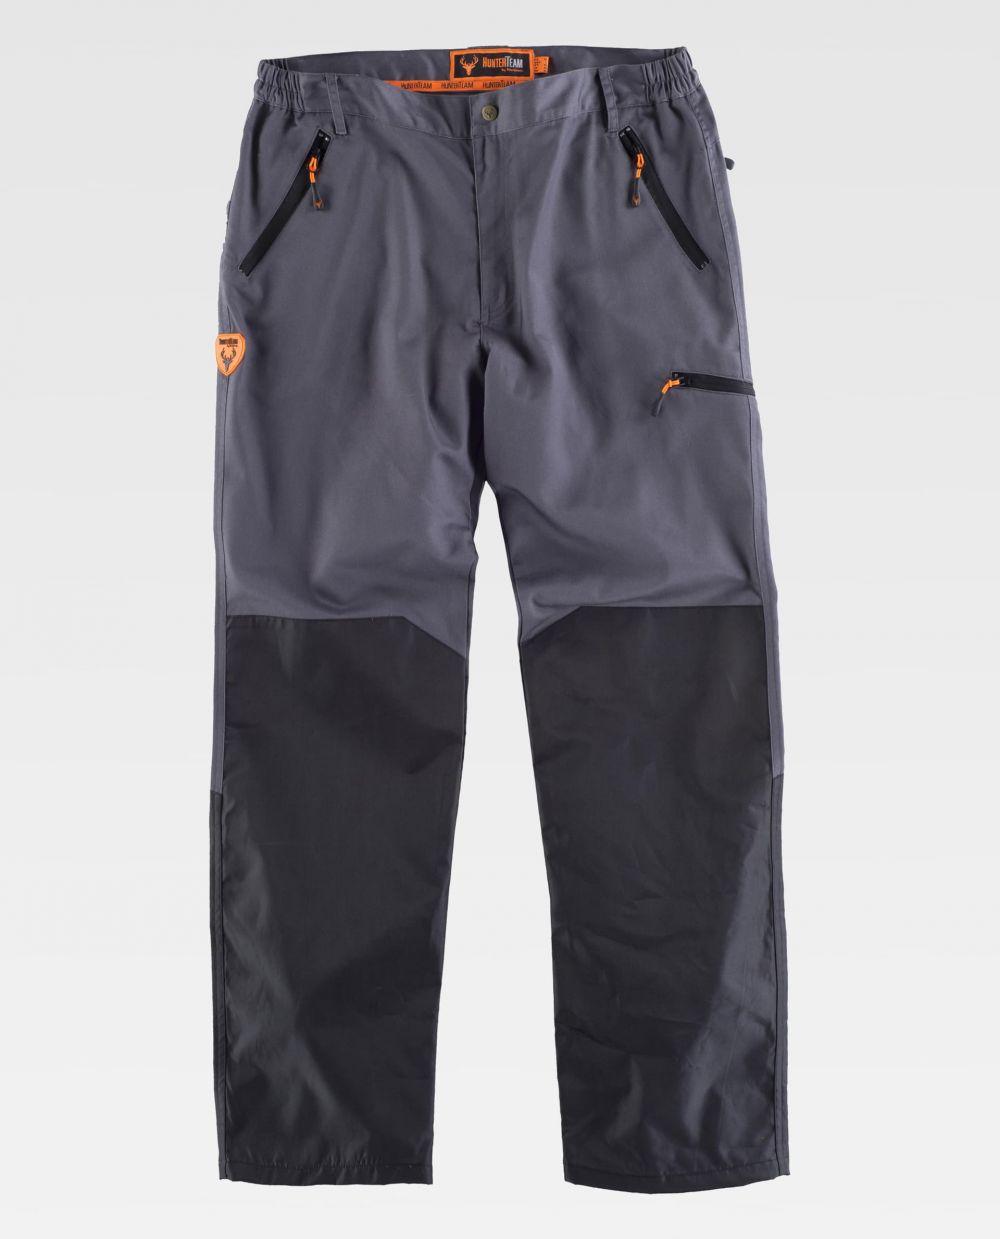 Pantalones de trabajo workteam s8335 de poliéster con logo vista 2